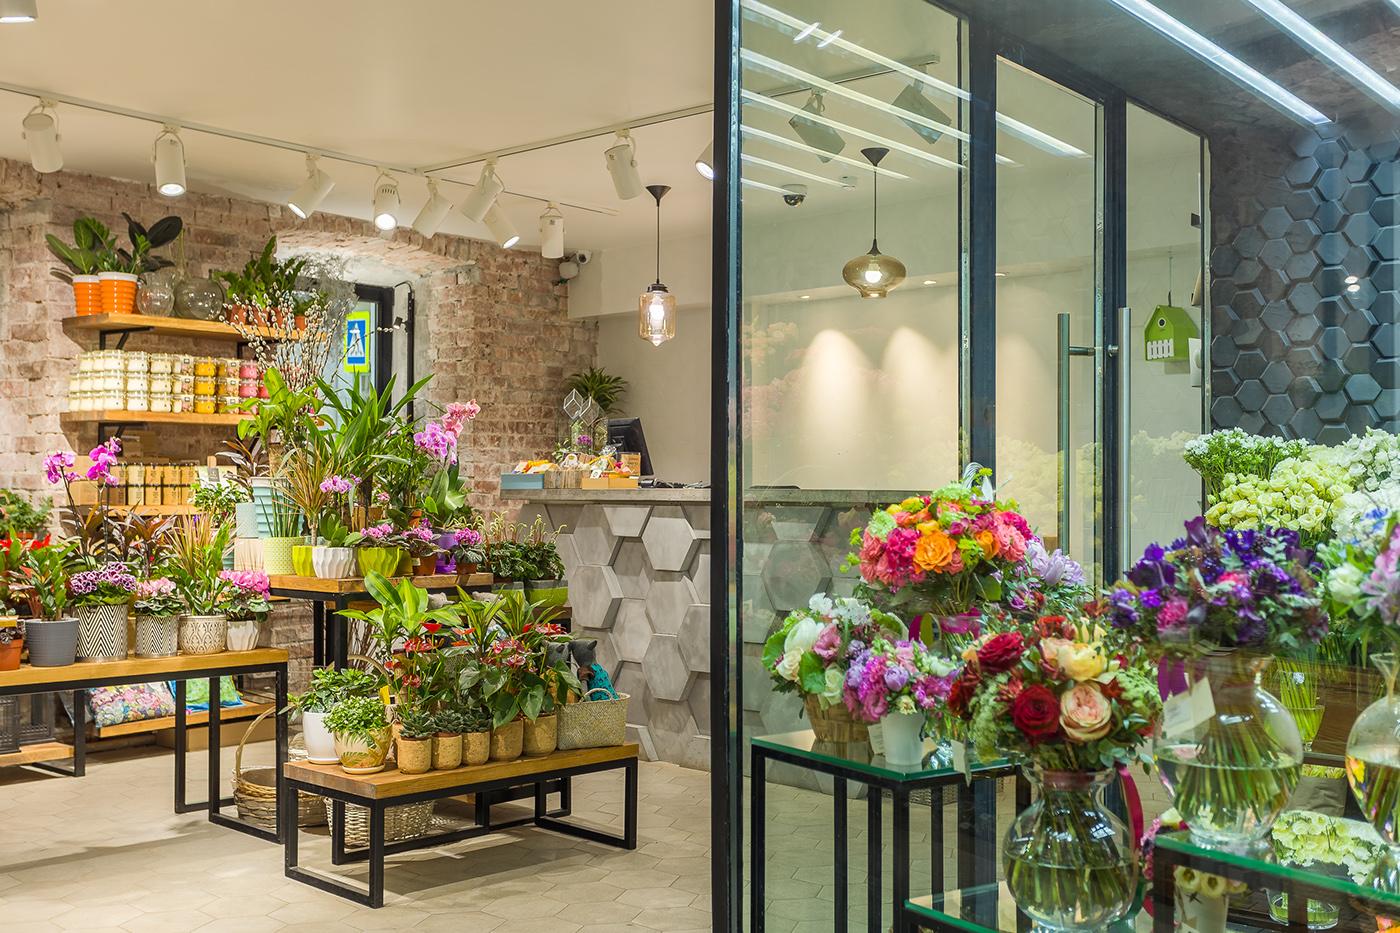 Цветочный магазин. Проходимость - 50 000 чел/мес